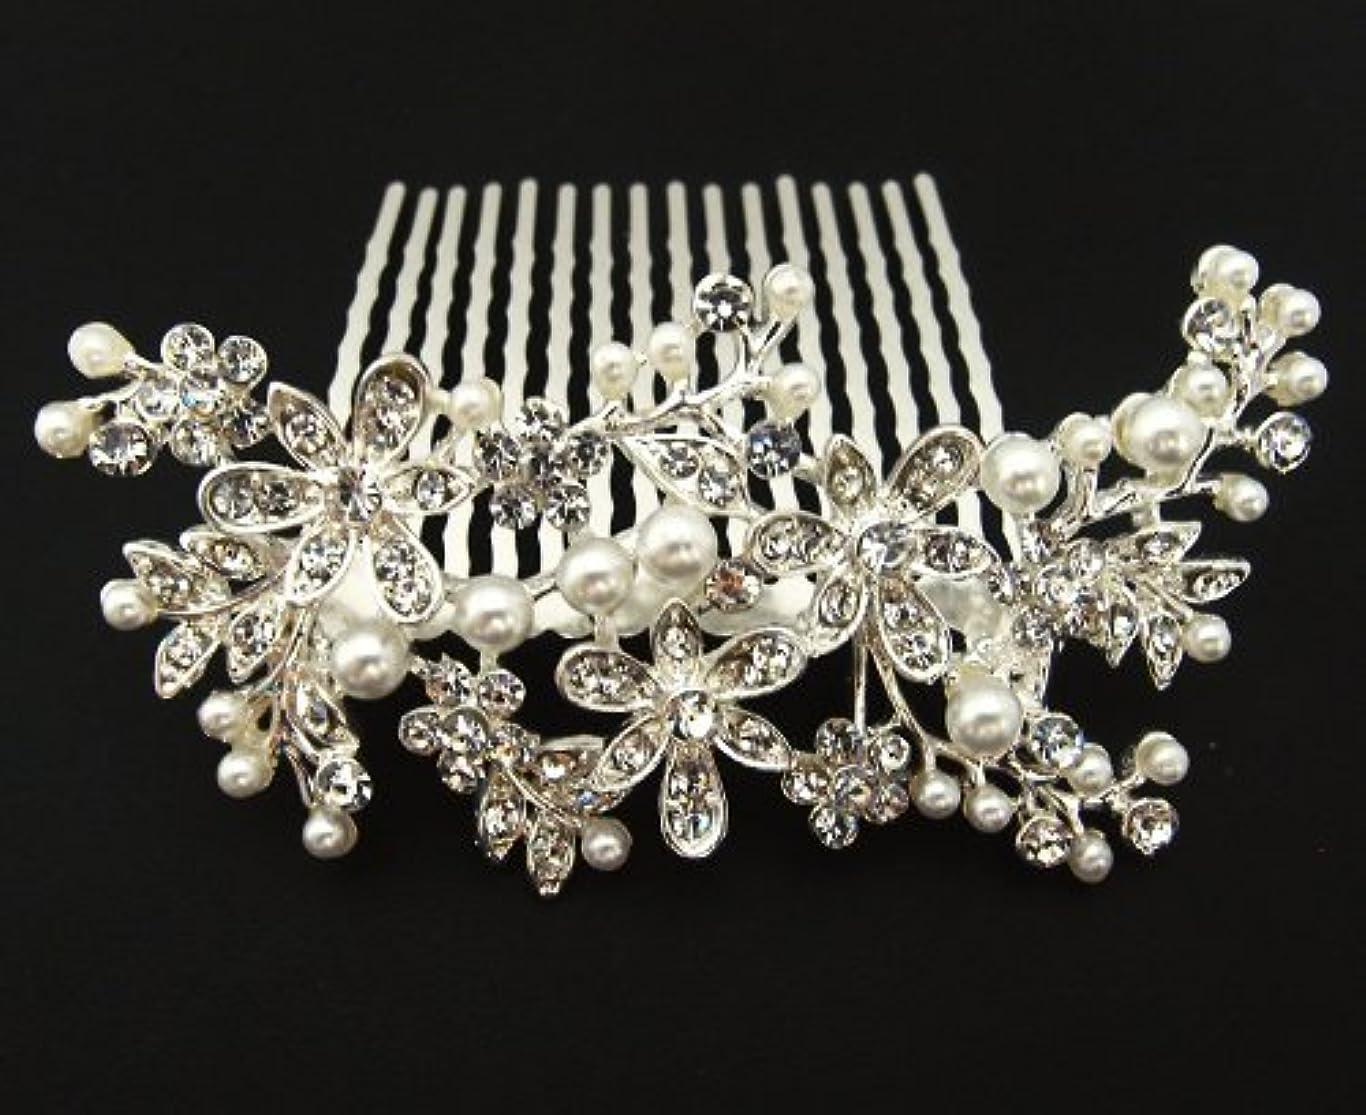 構成員プレミアム切断するbeautiful white Silver Color bridal wedding hair comb pearl and crystal #5 [並行輸入品]